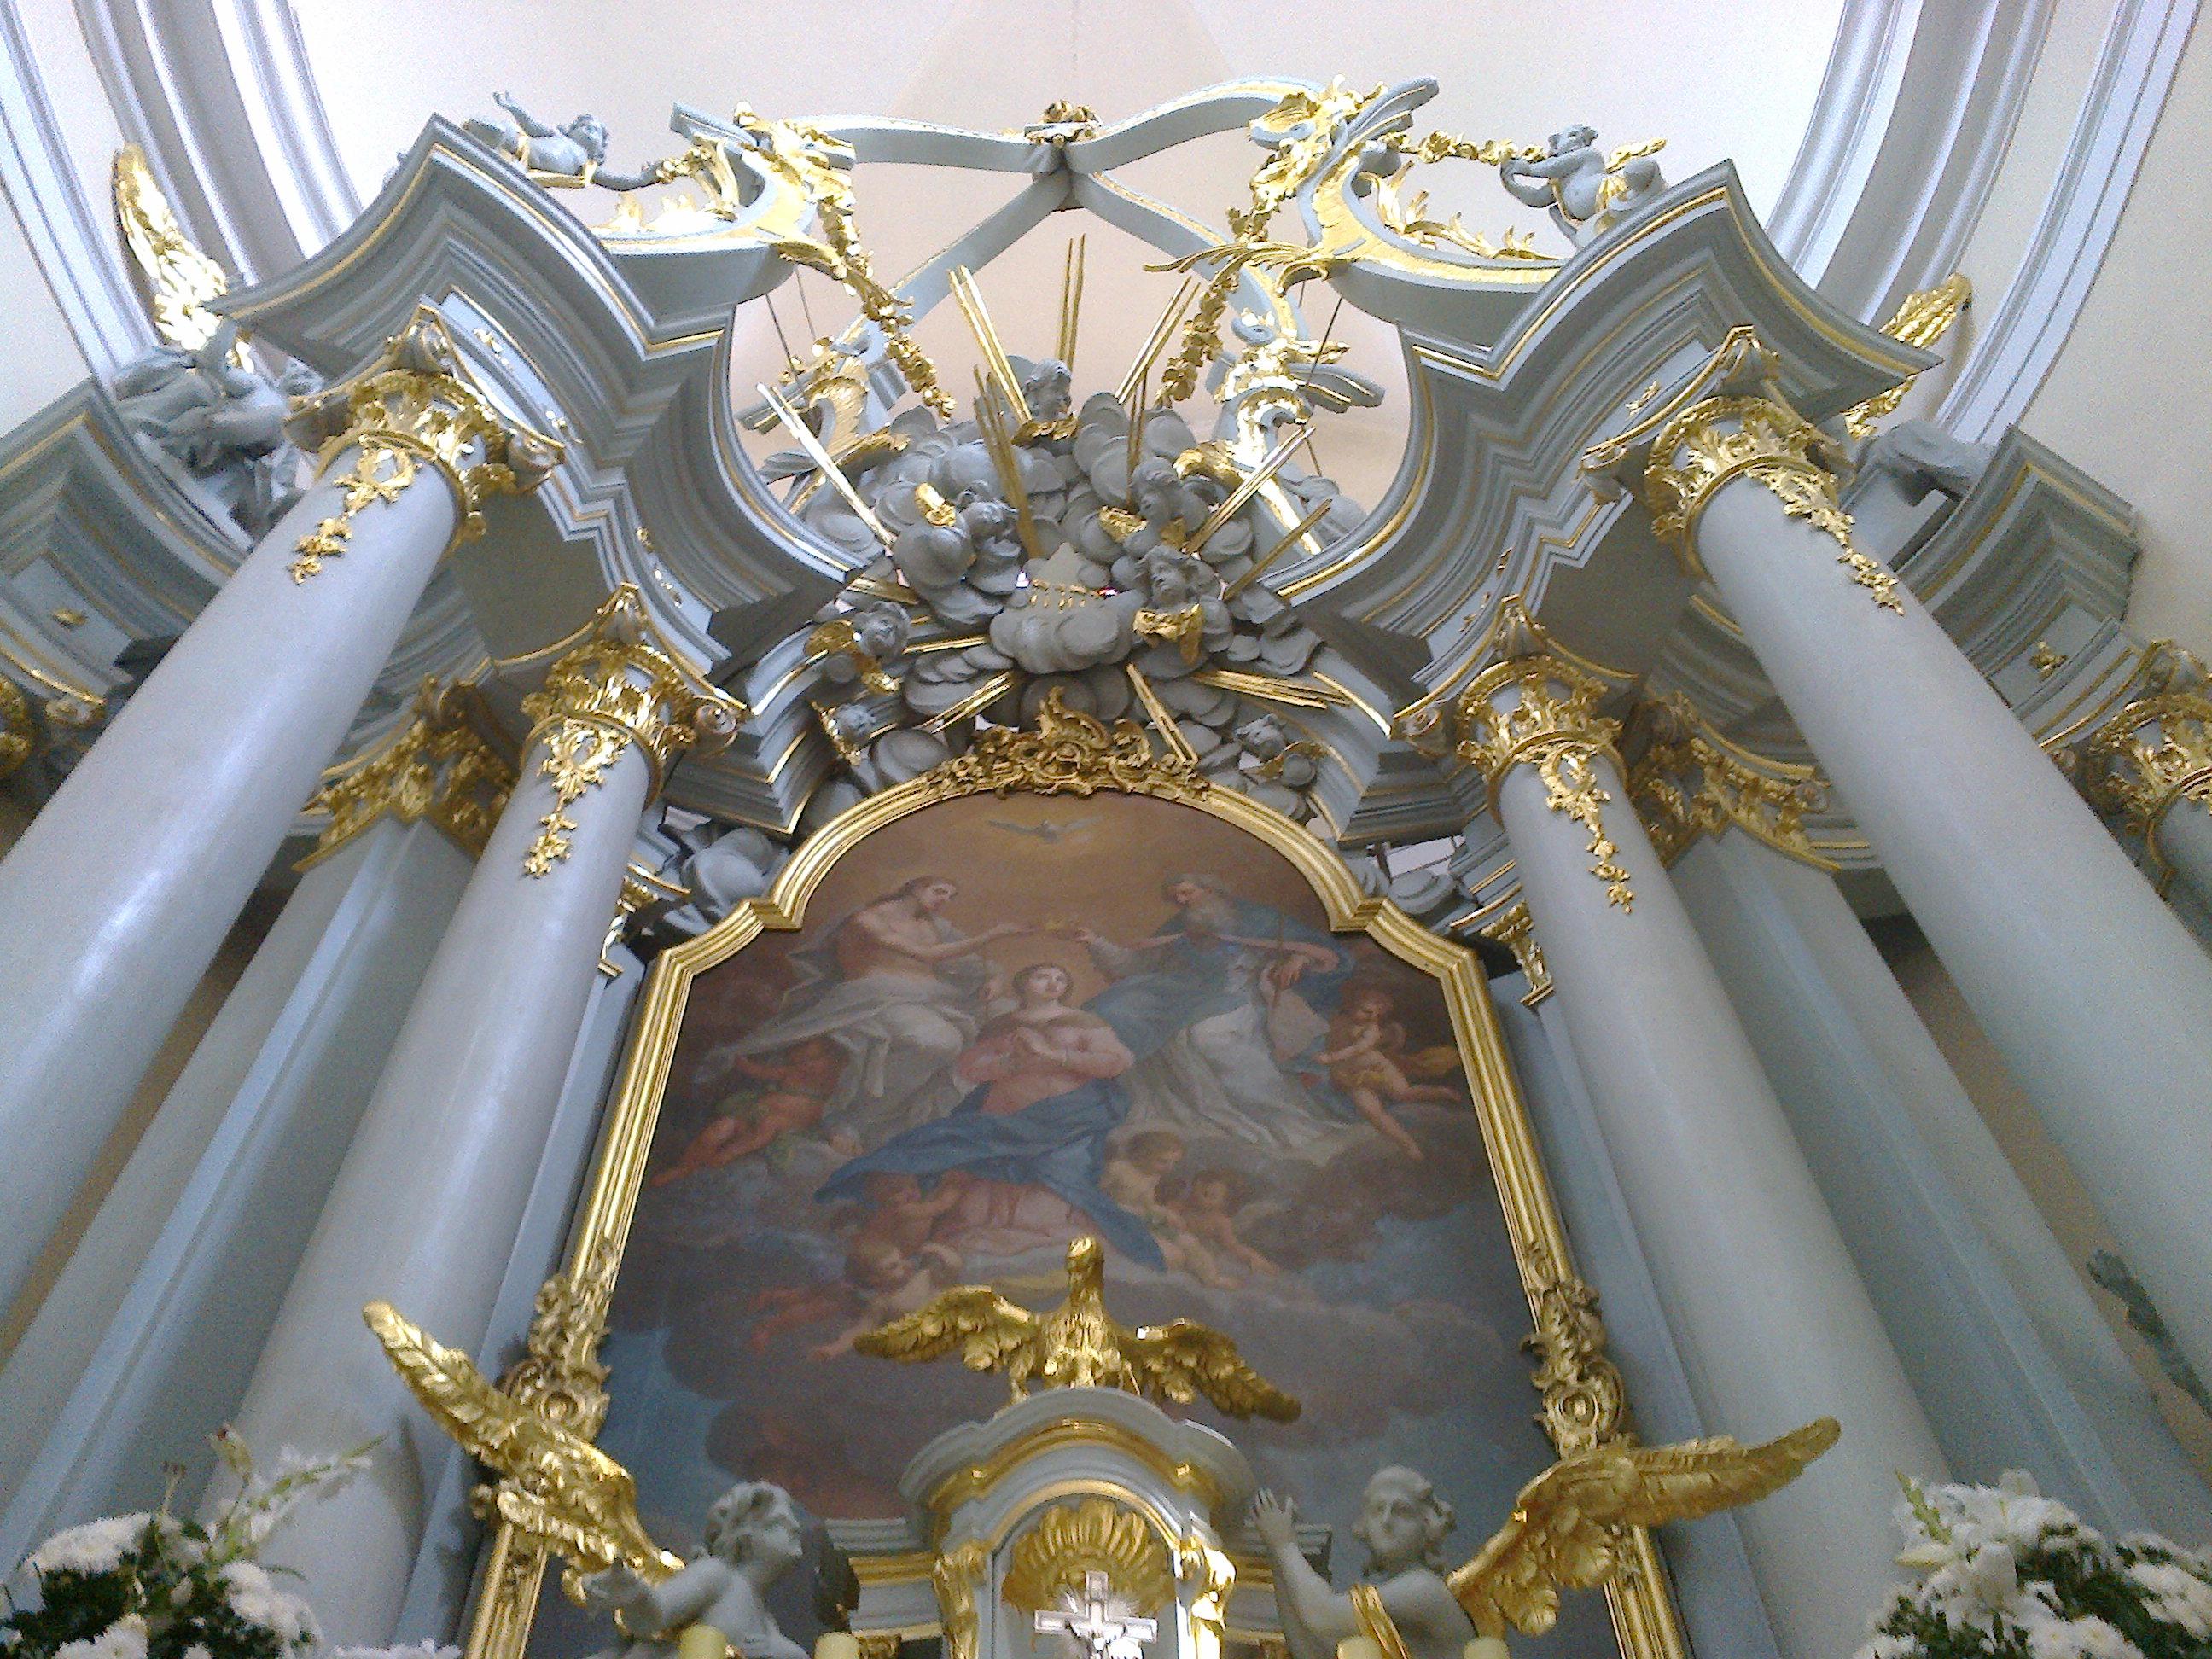 Zwieńczenie barokowego ołtarza ztetragramem - hebrajskim imieniem Boga יהוה